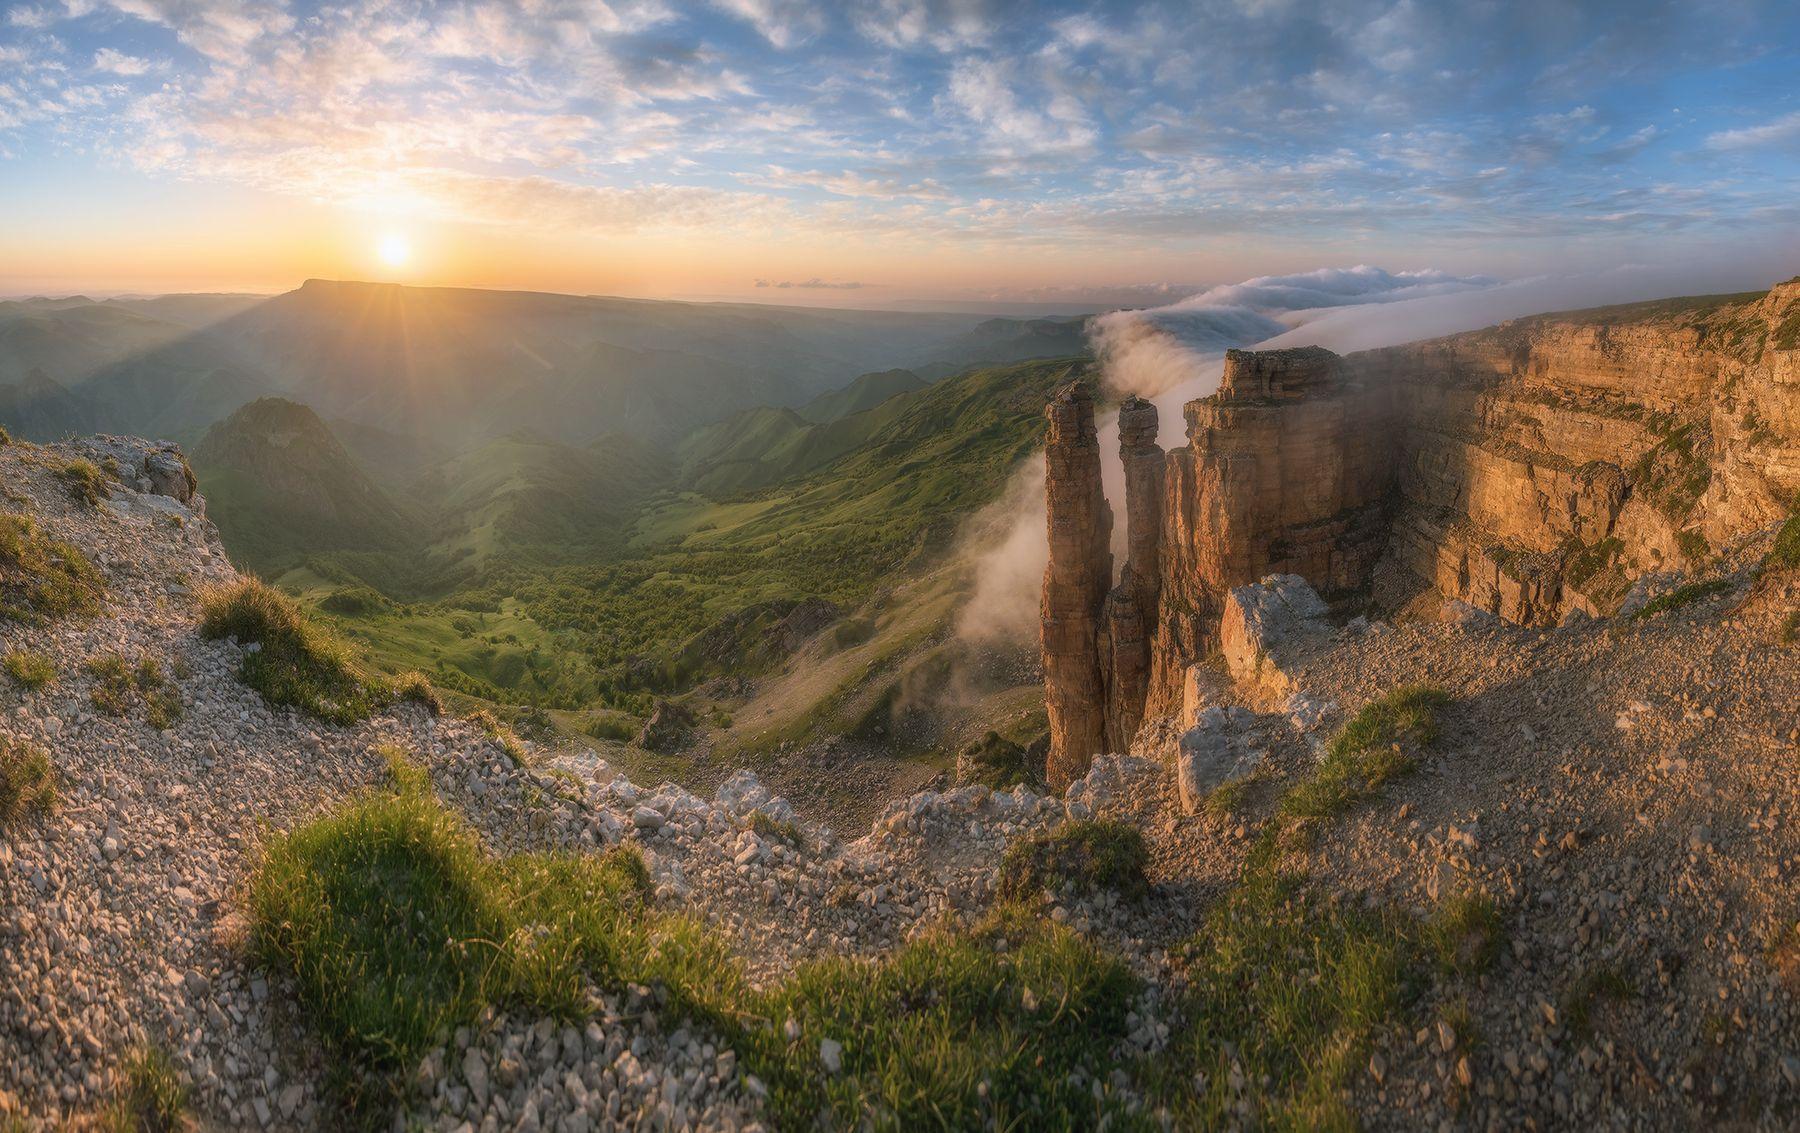 Бермамыт. Скалы Монахи. Северный кавказ карачаево-черкесия бермамыт скалы монахи закат июнь